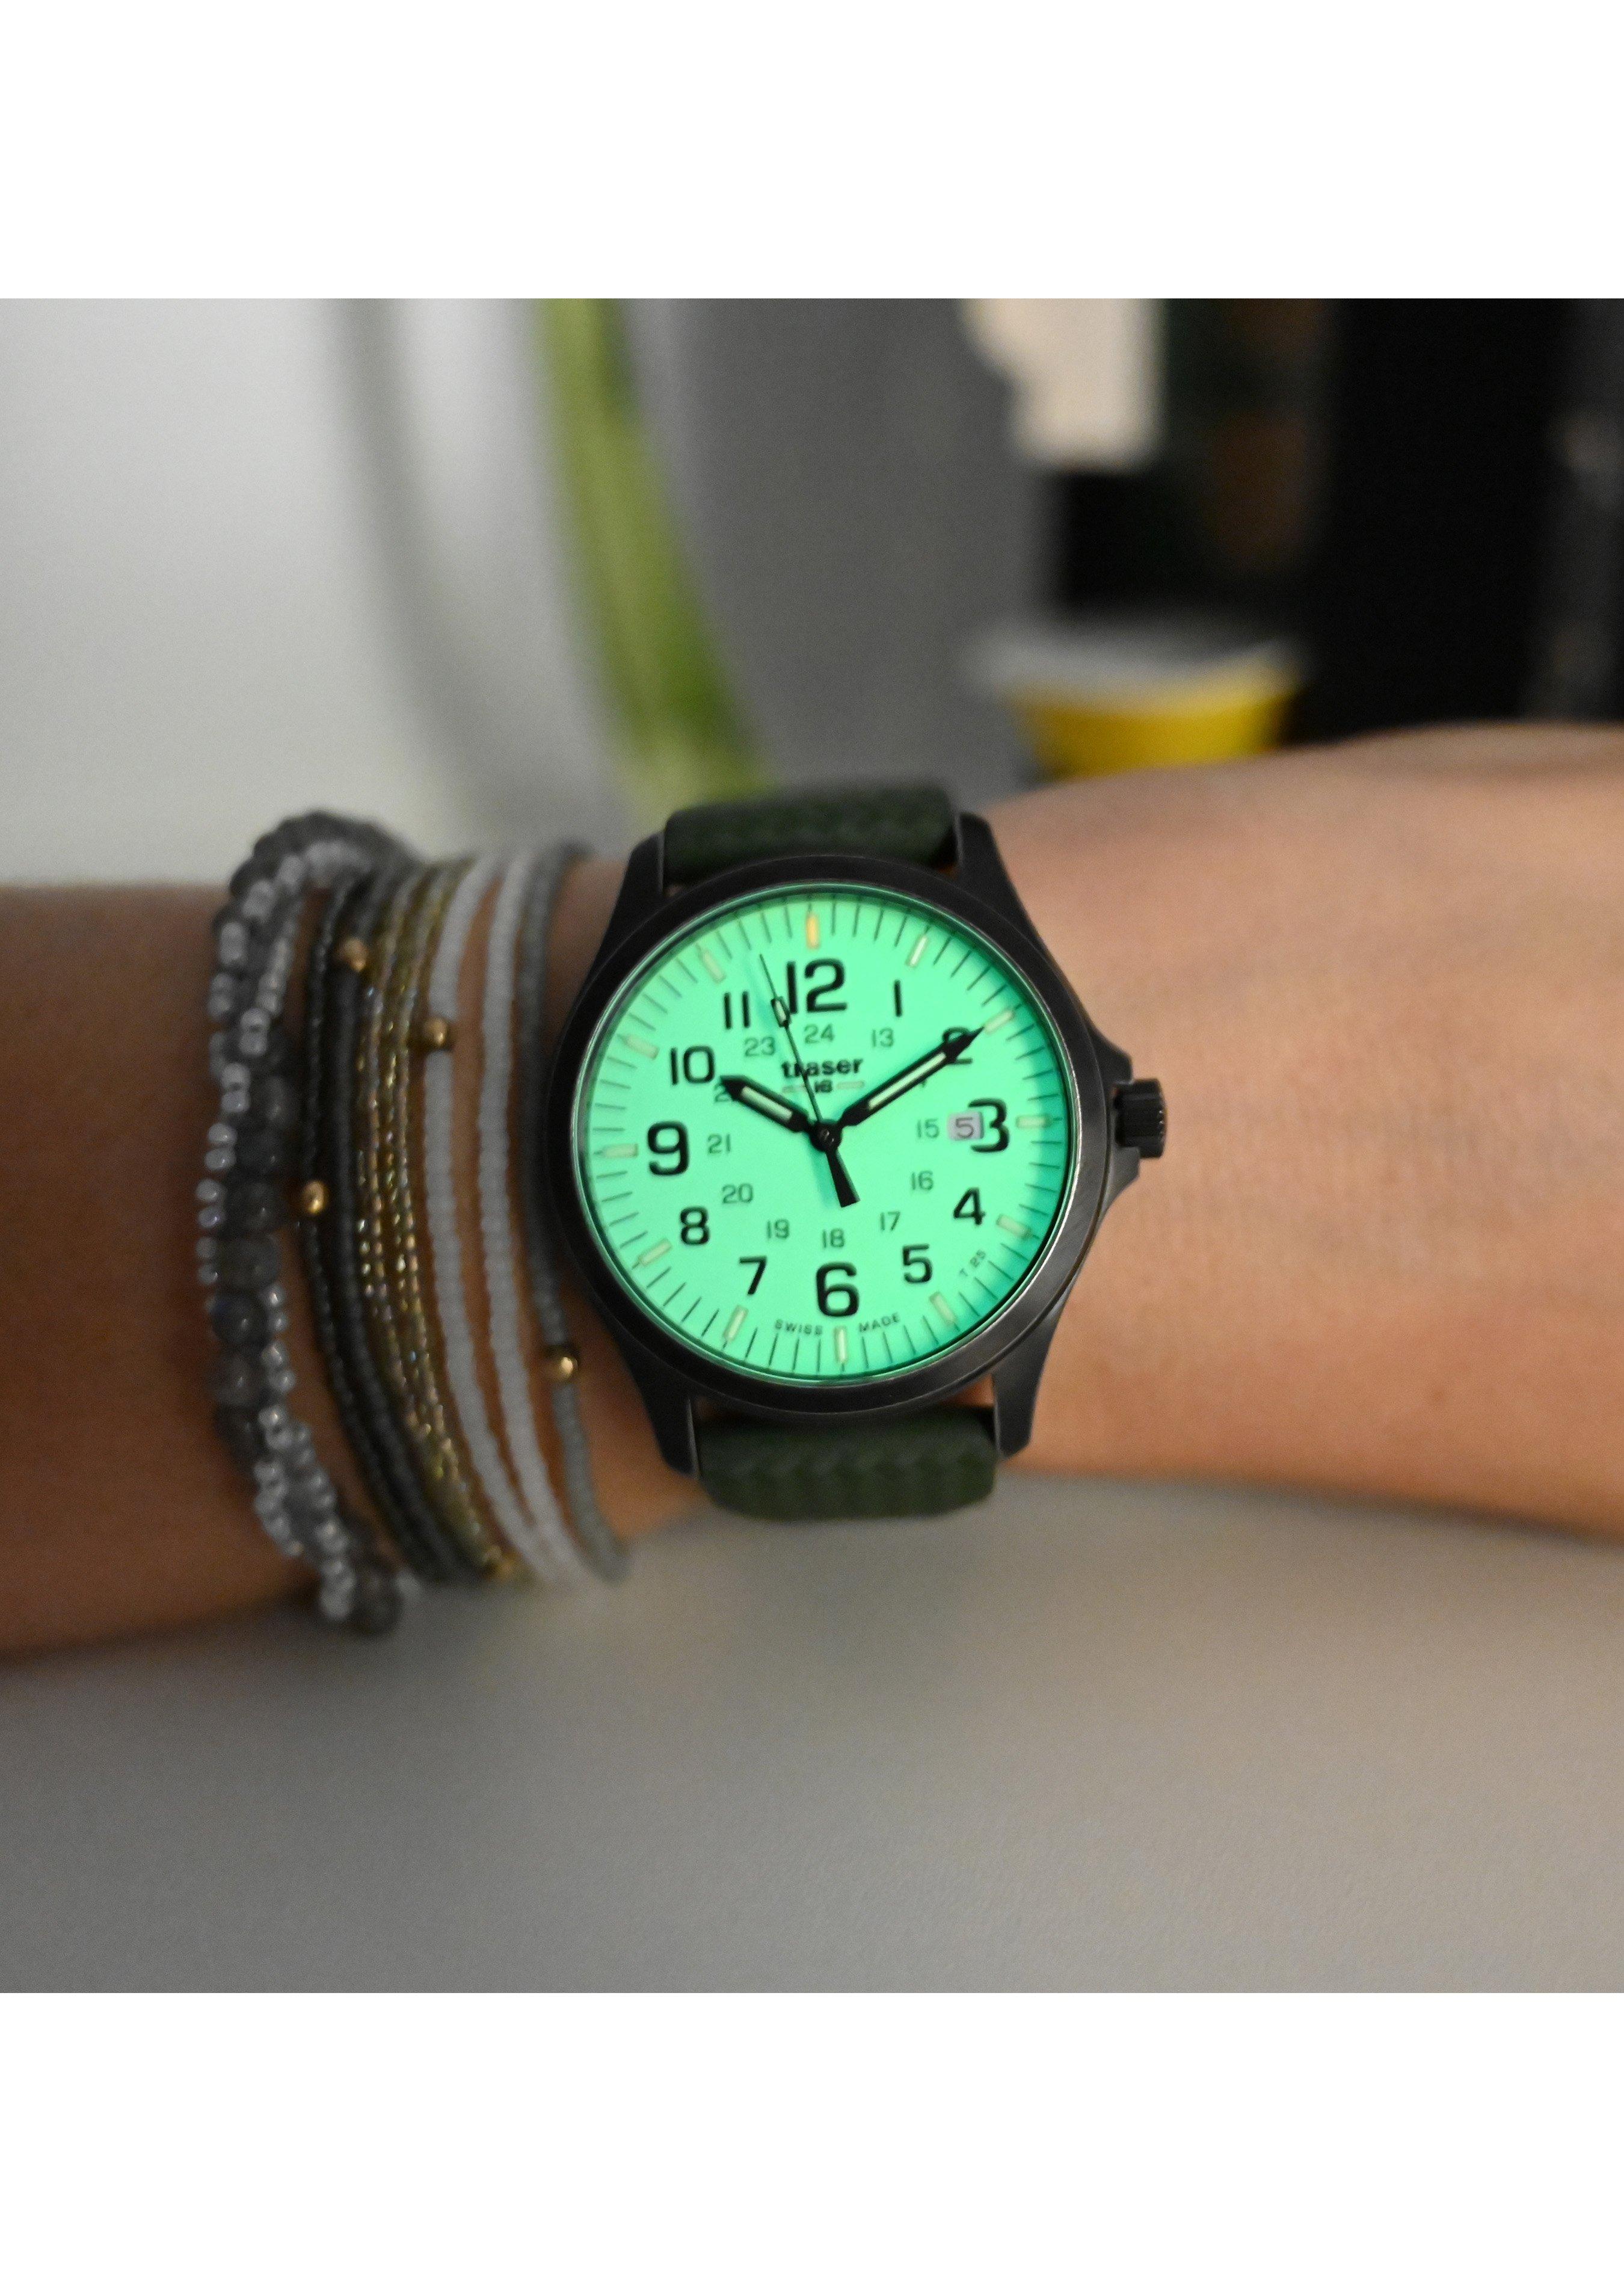 Traser Uhren Armbanduhr P67 Officer Pro Gunmetal Lime 254723 5